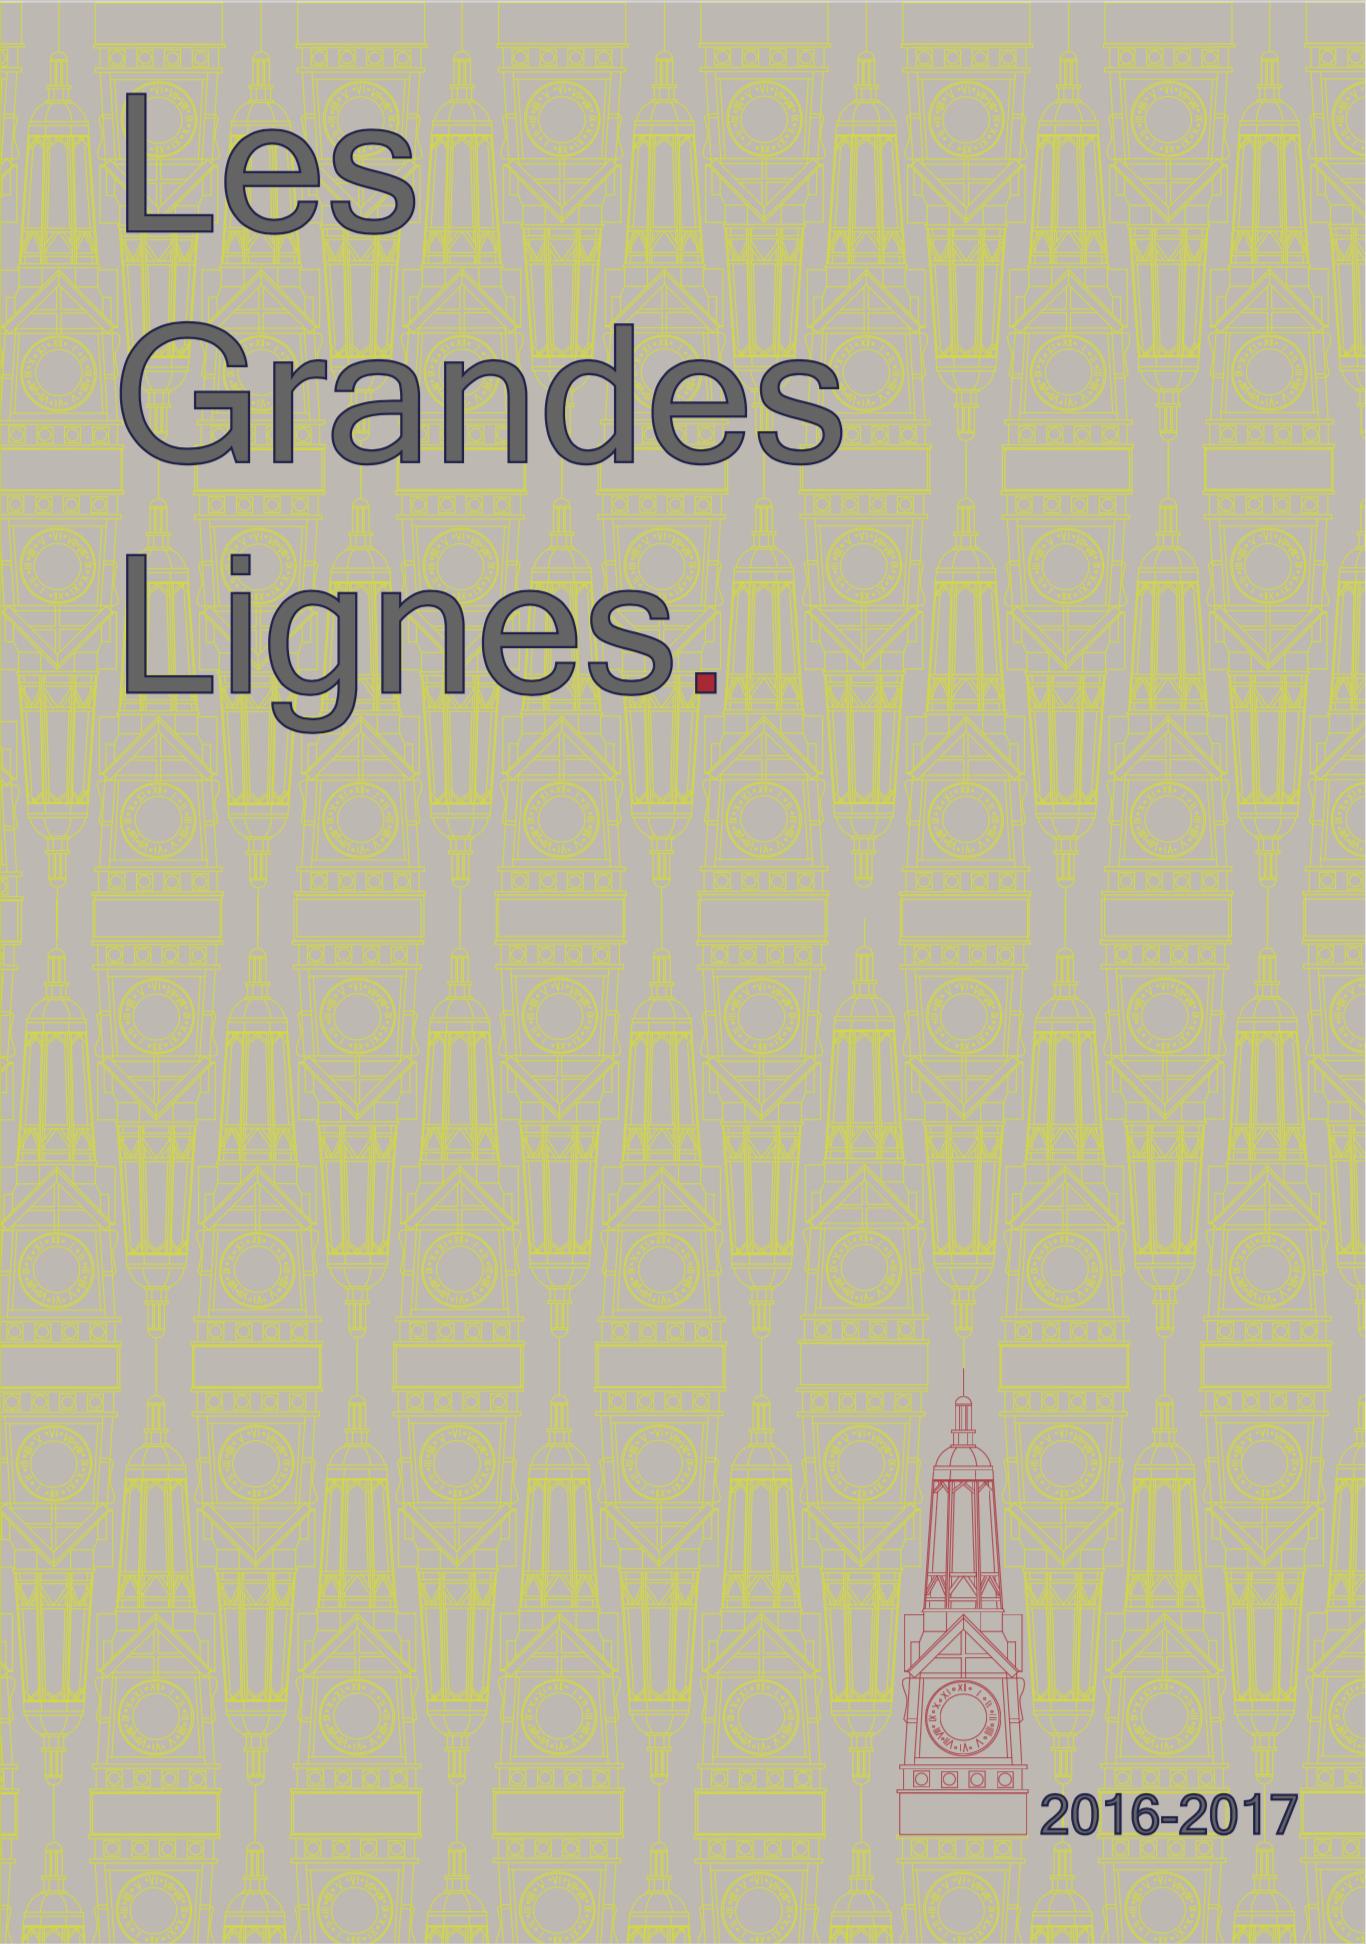 Les Grandes Lignes 2016-2017